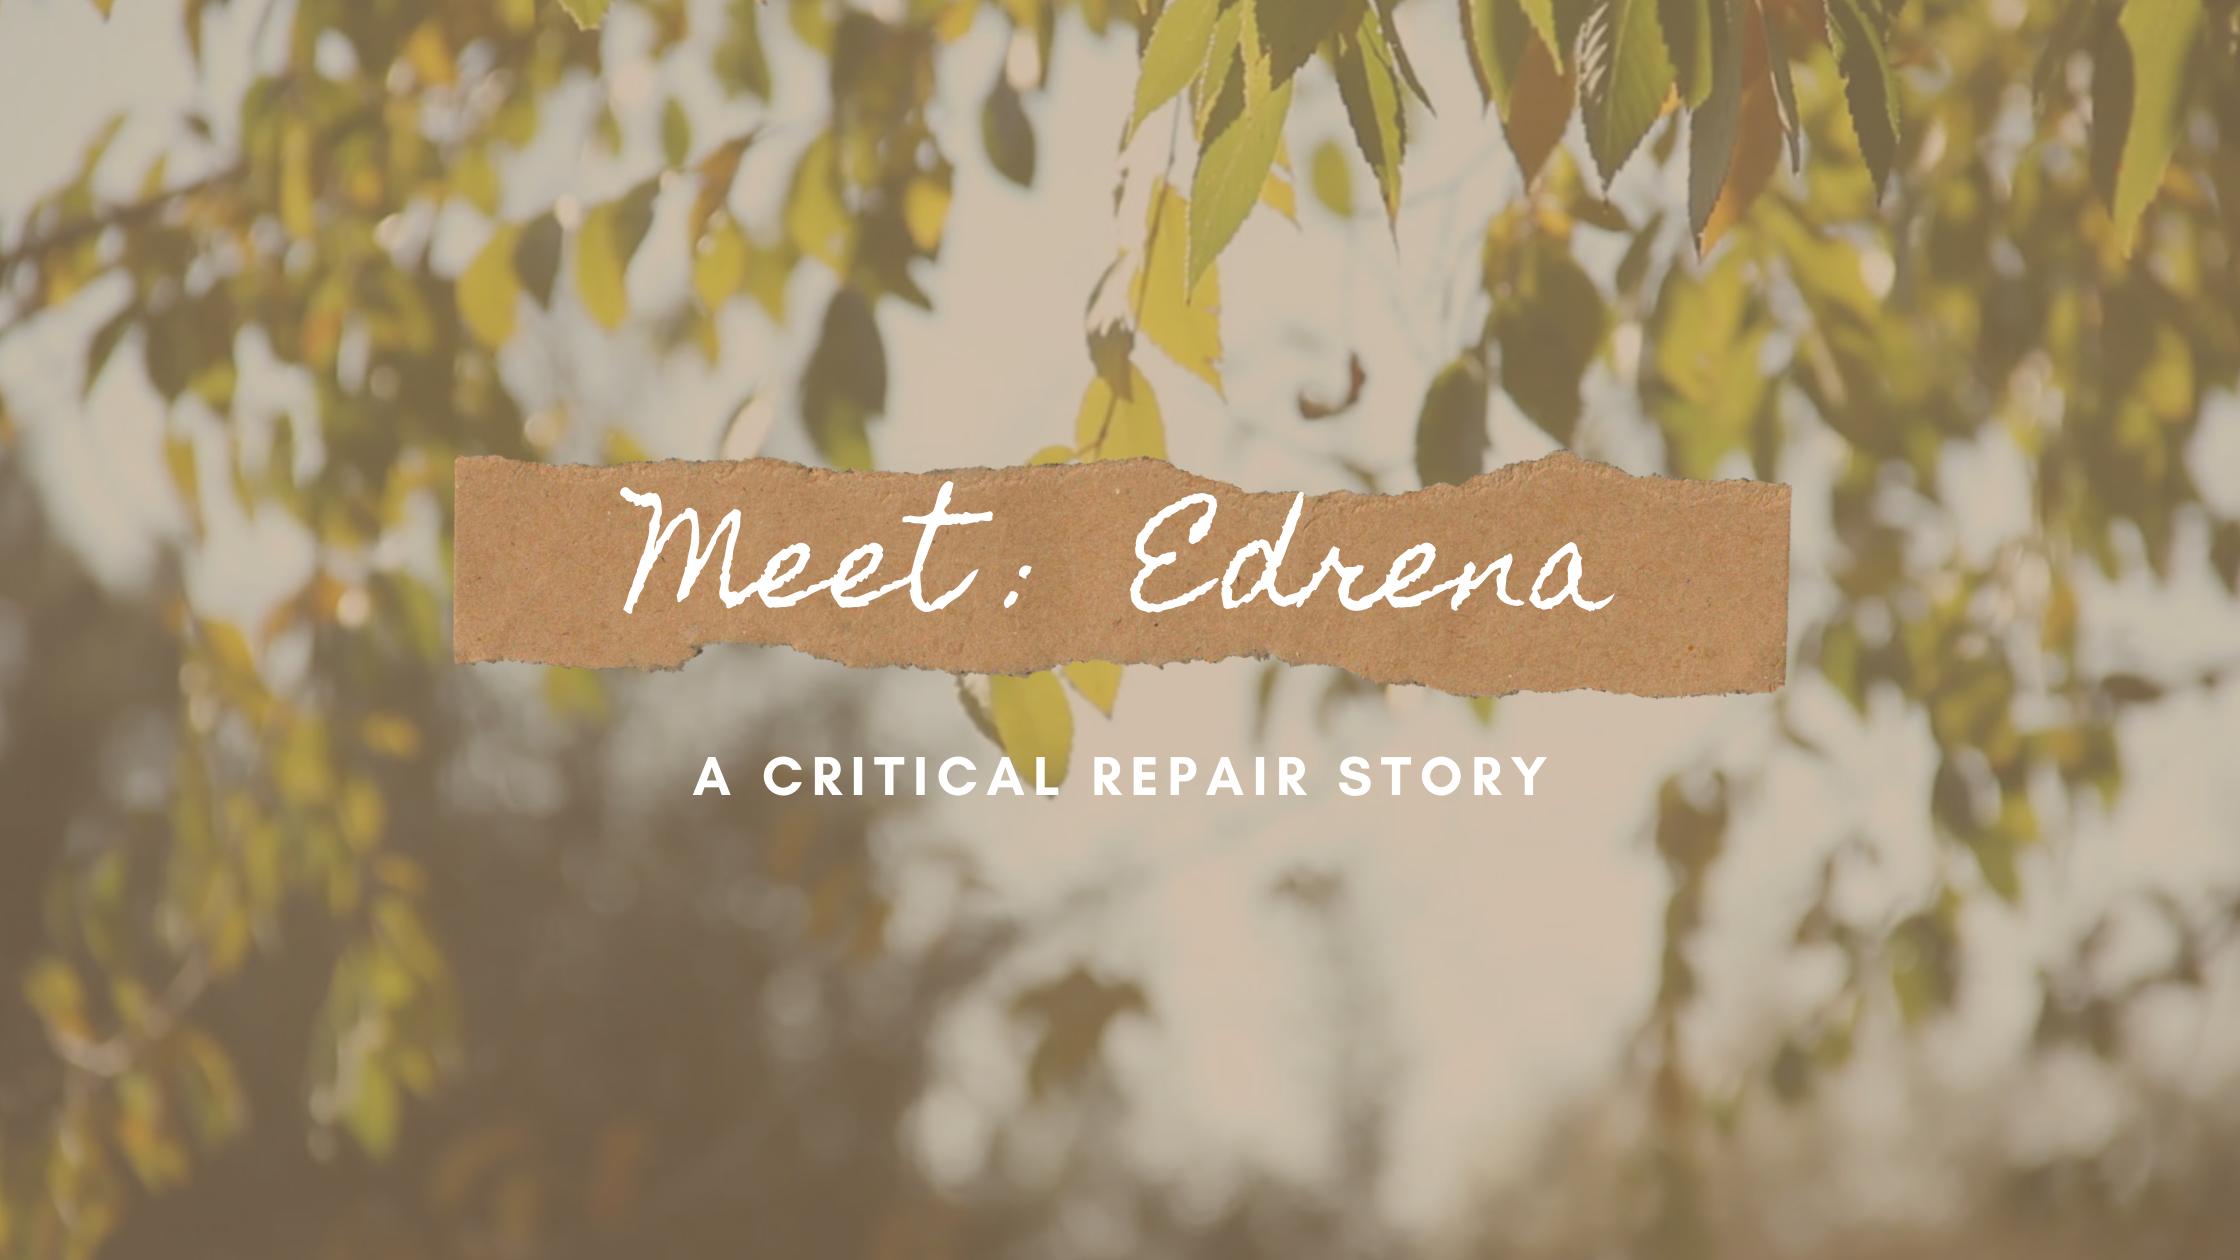 Meet: Edrena